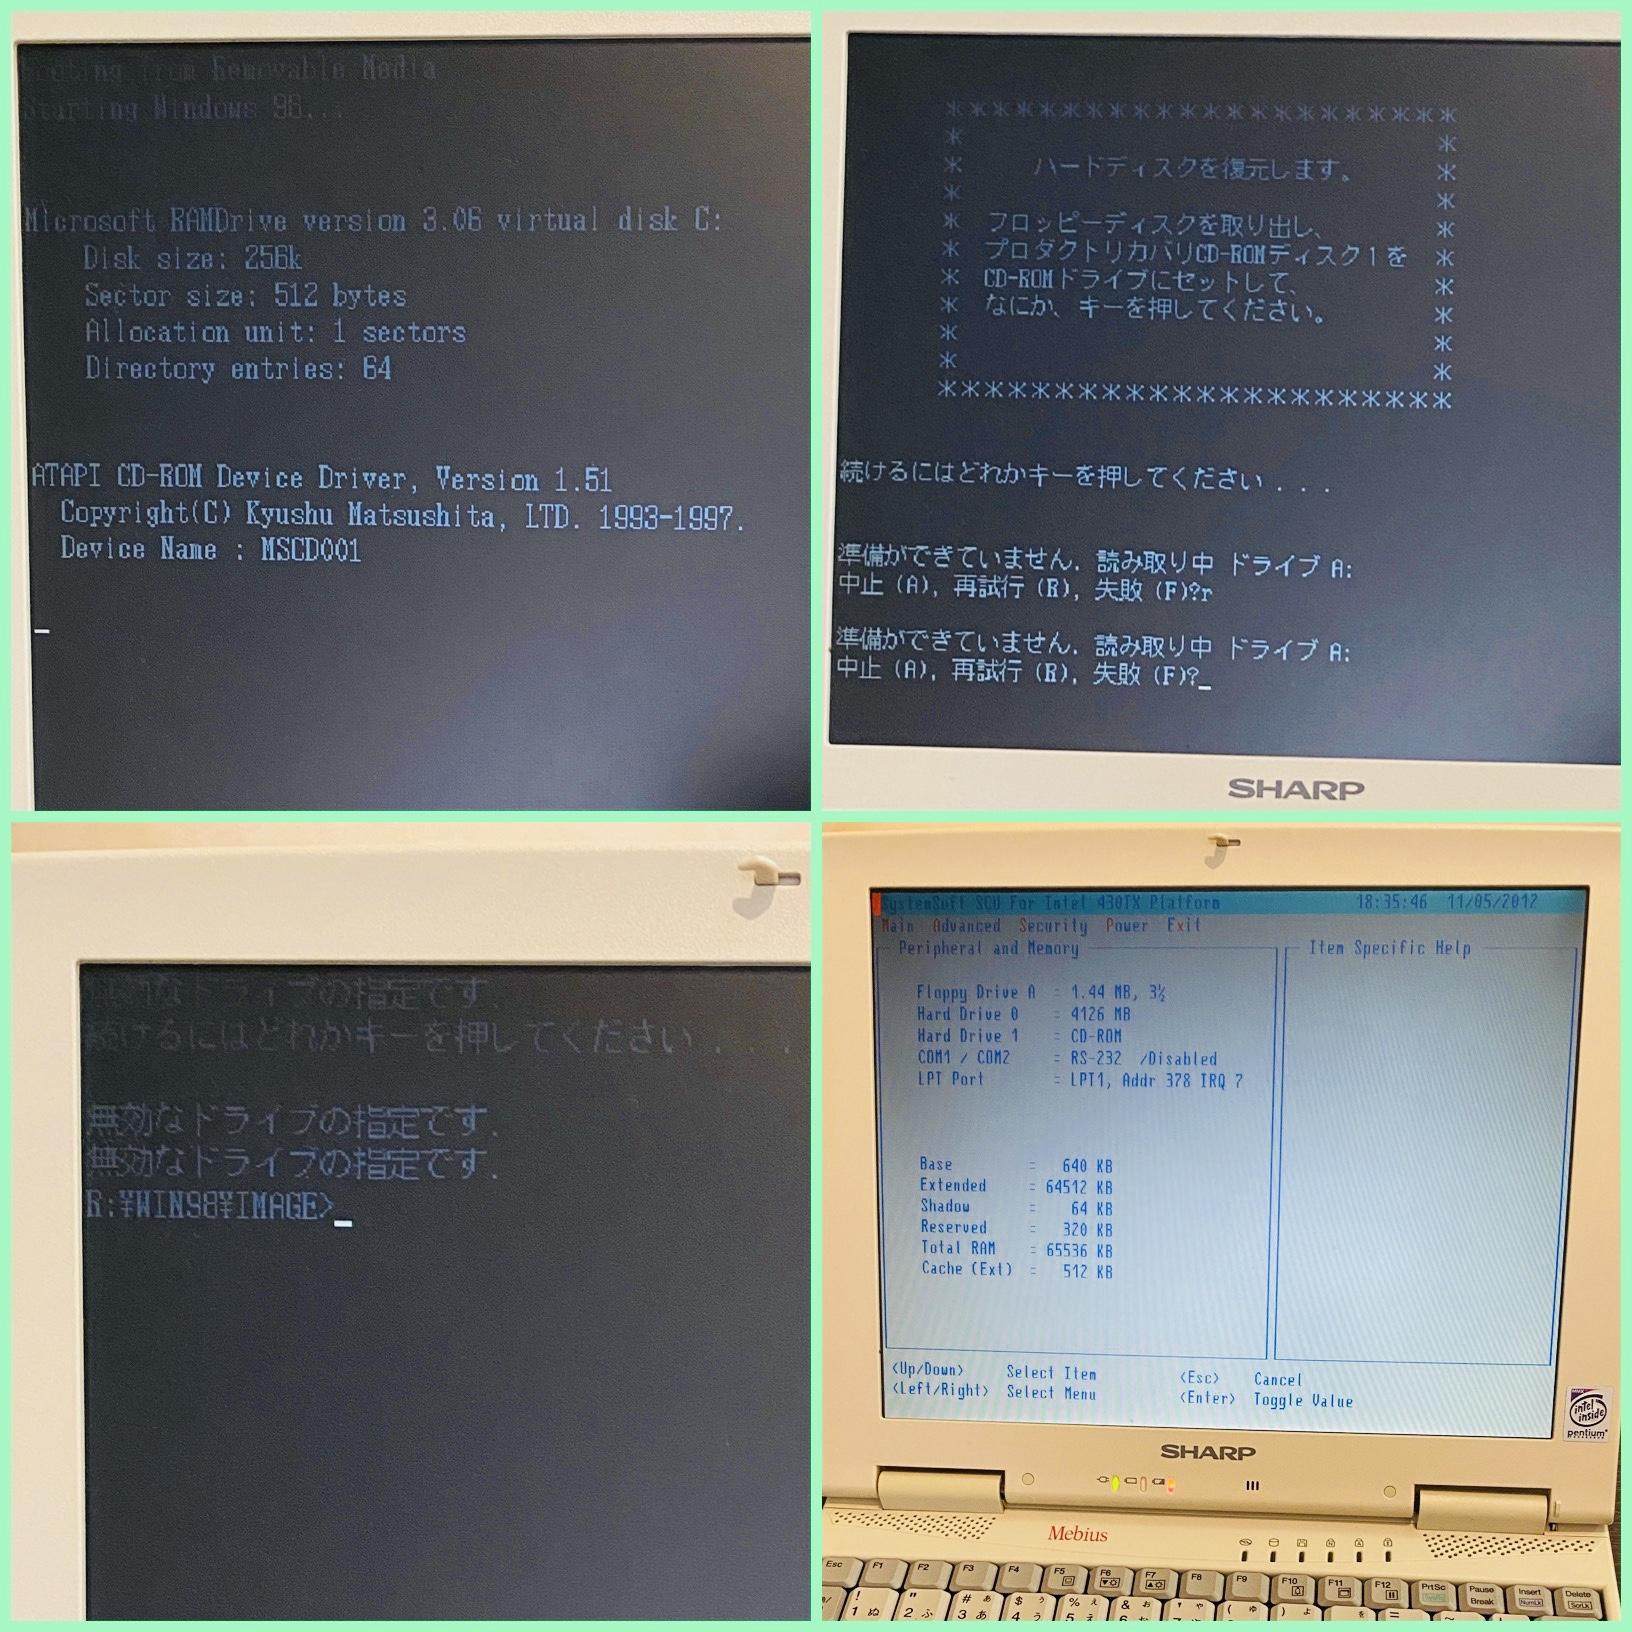 Mebius MN-385-D4 をリカバリ。フロッピーディスクを取り出せというからだしたのになぜかAドライブを読もうとしてくる。。。BIOSかなーと思ったけど日時以外に問題なさそう。今は2012年か。 https://t.co/H4kbRGkUUF